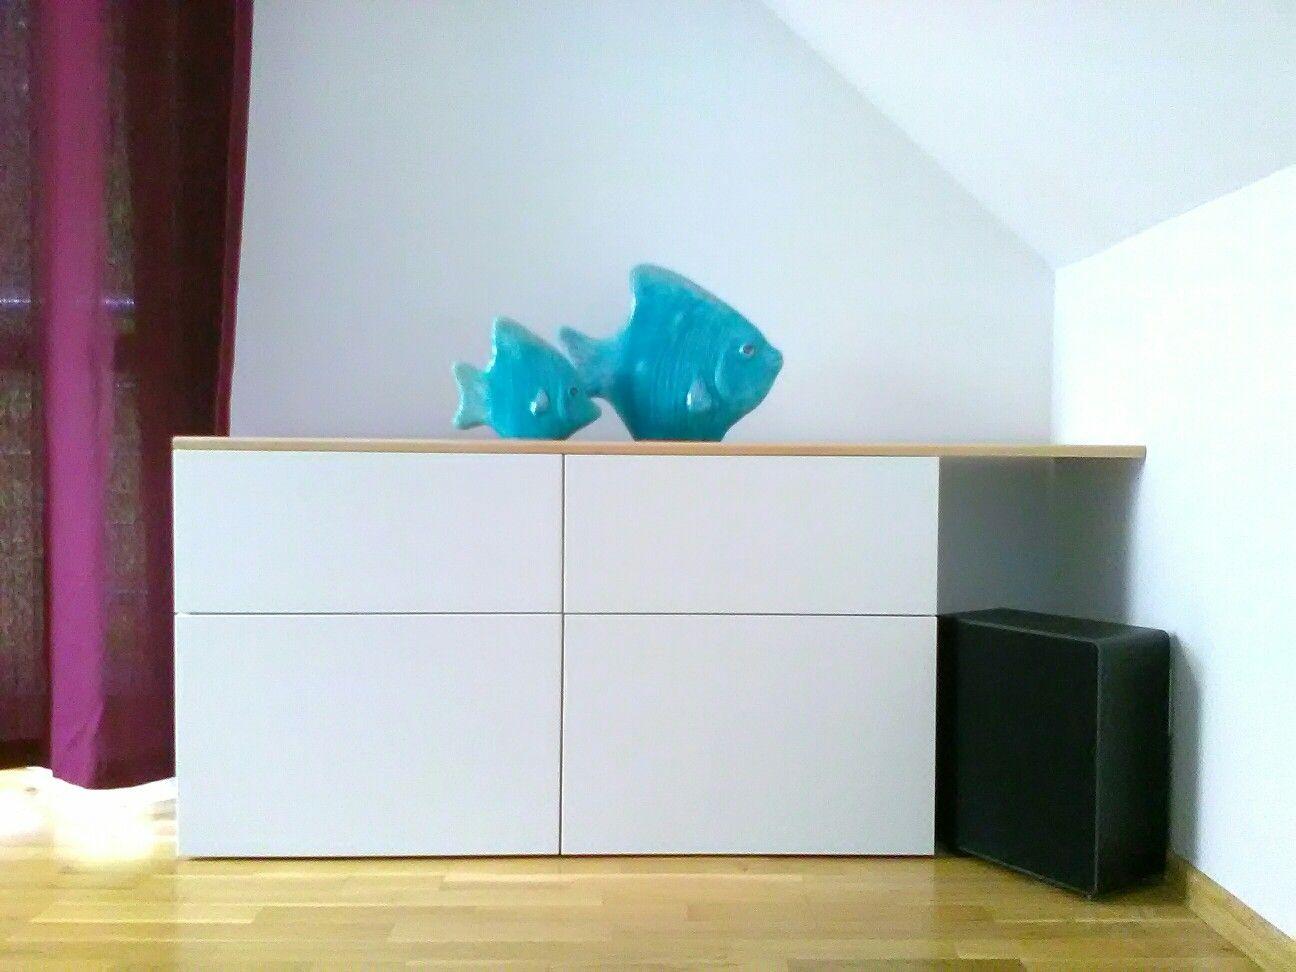 Credenza Ikea Gialla : Ikea ecco il nuovo catalogo